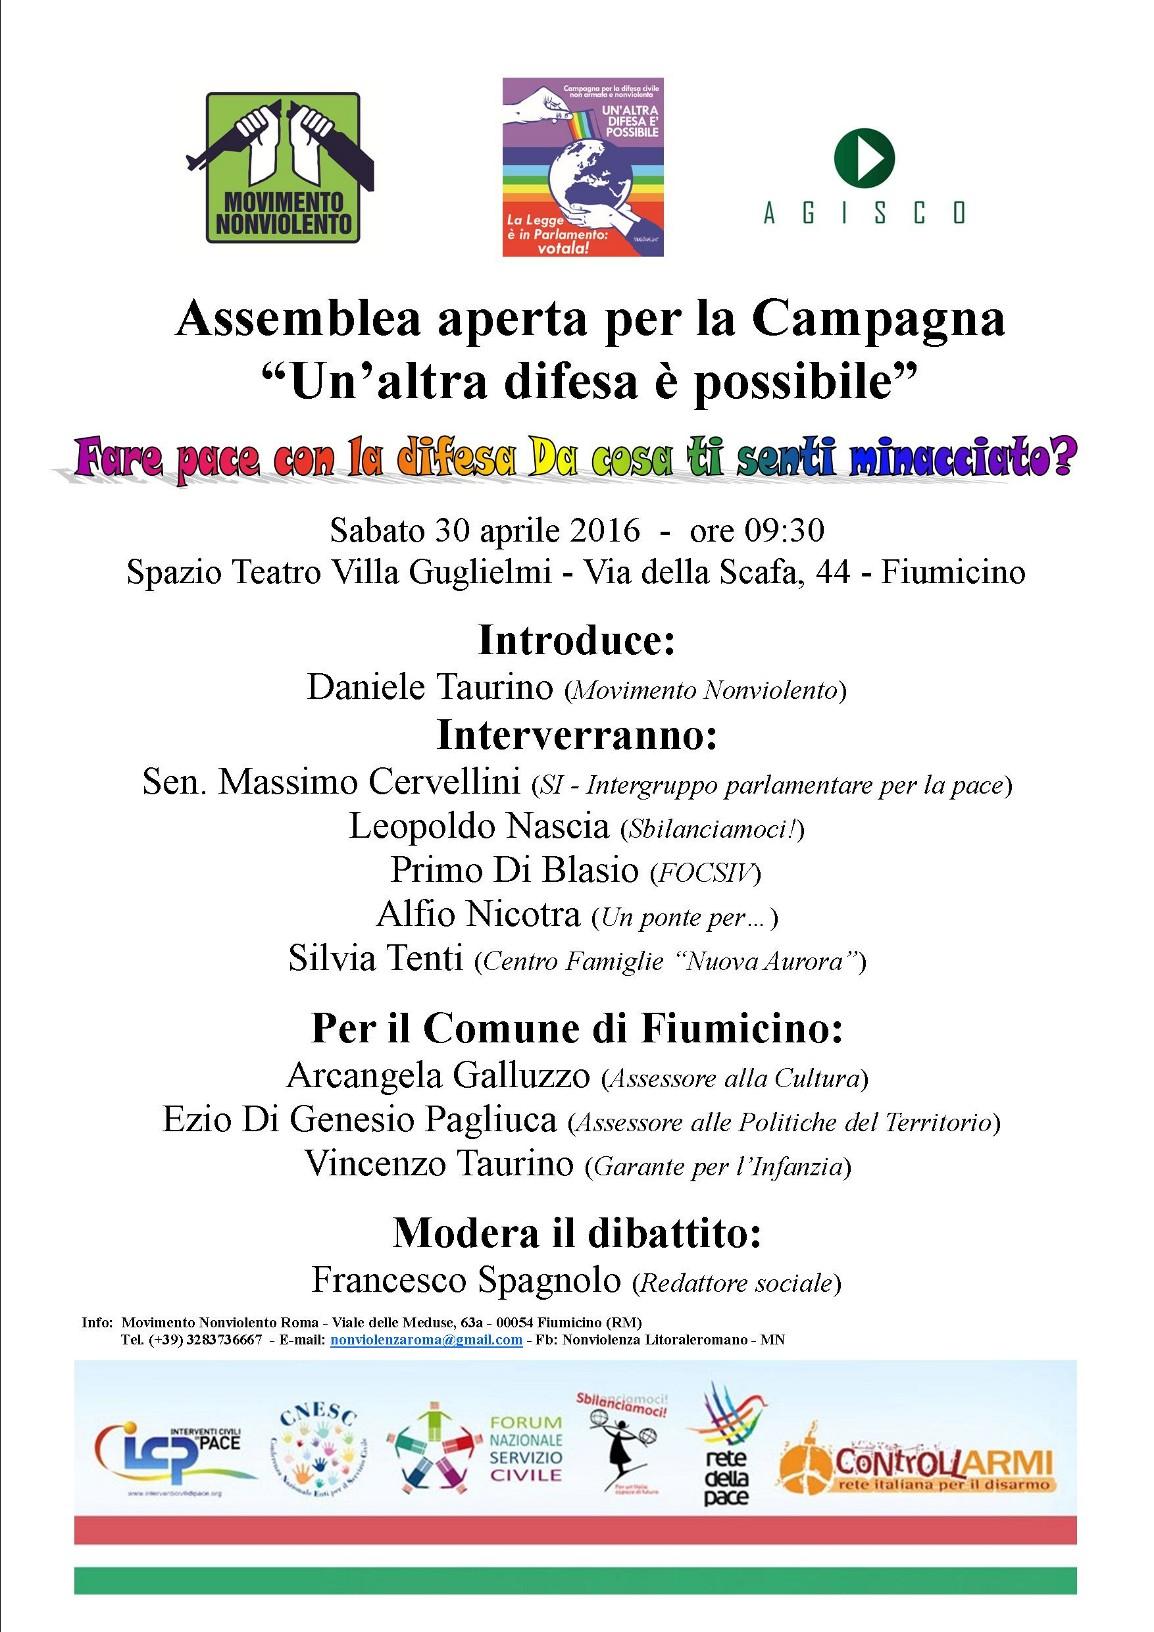 Fare pace con la difesa - 30 aprile 2016 Fiumicino